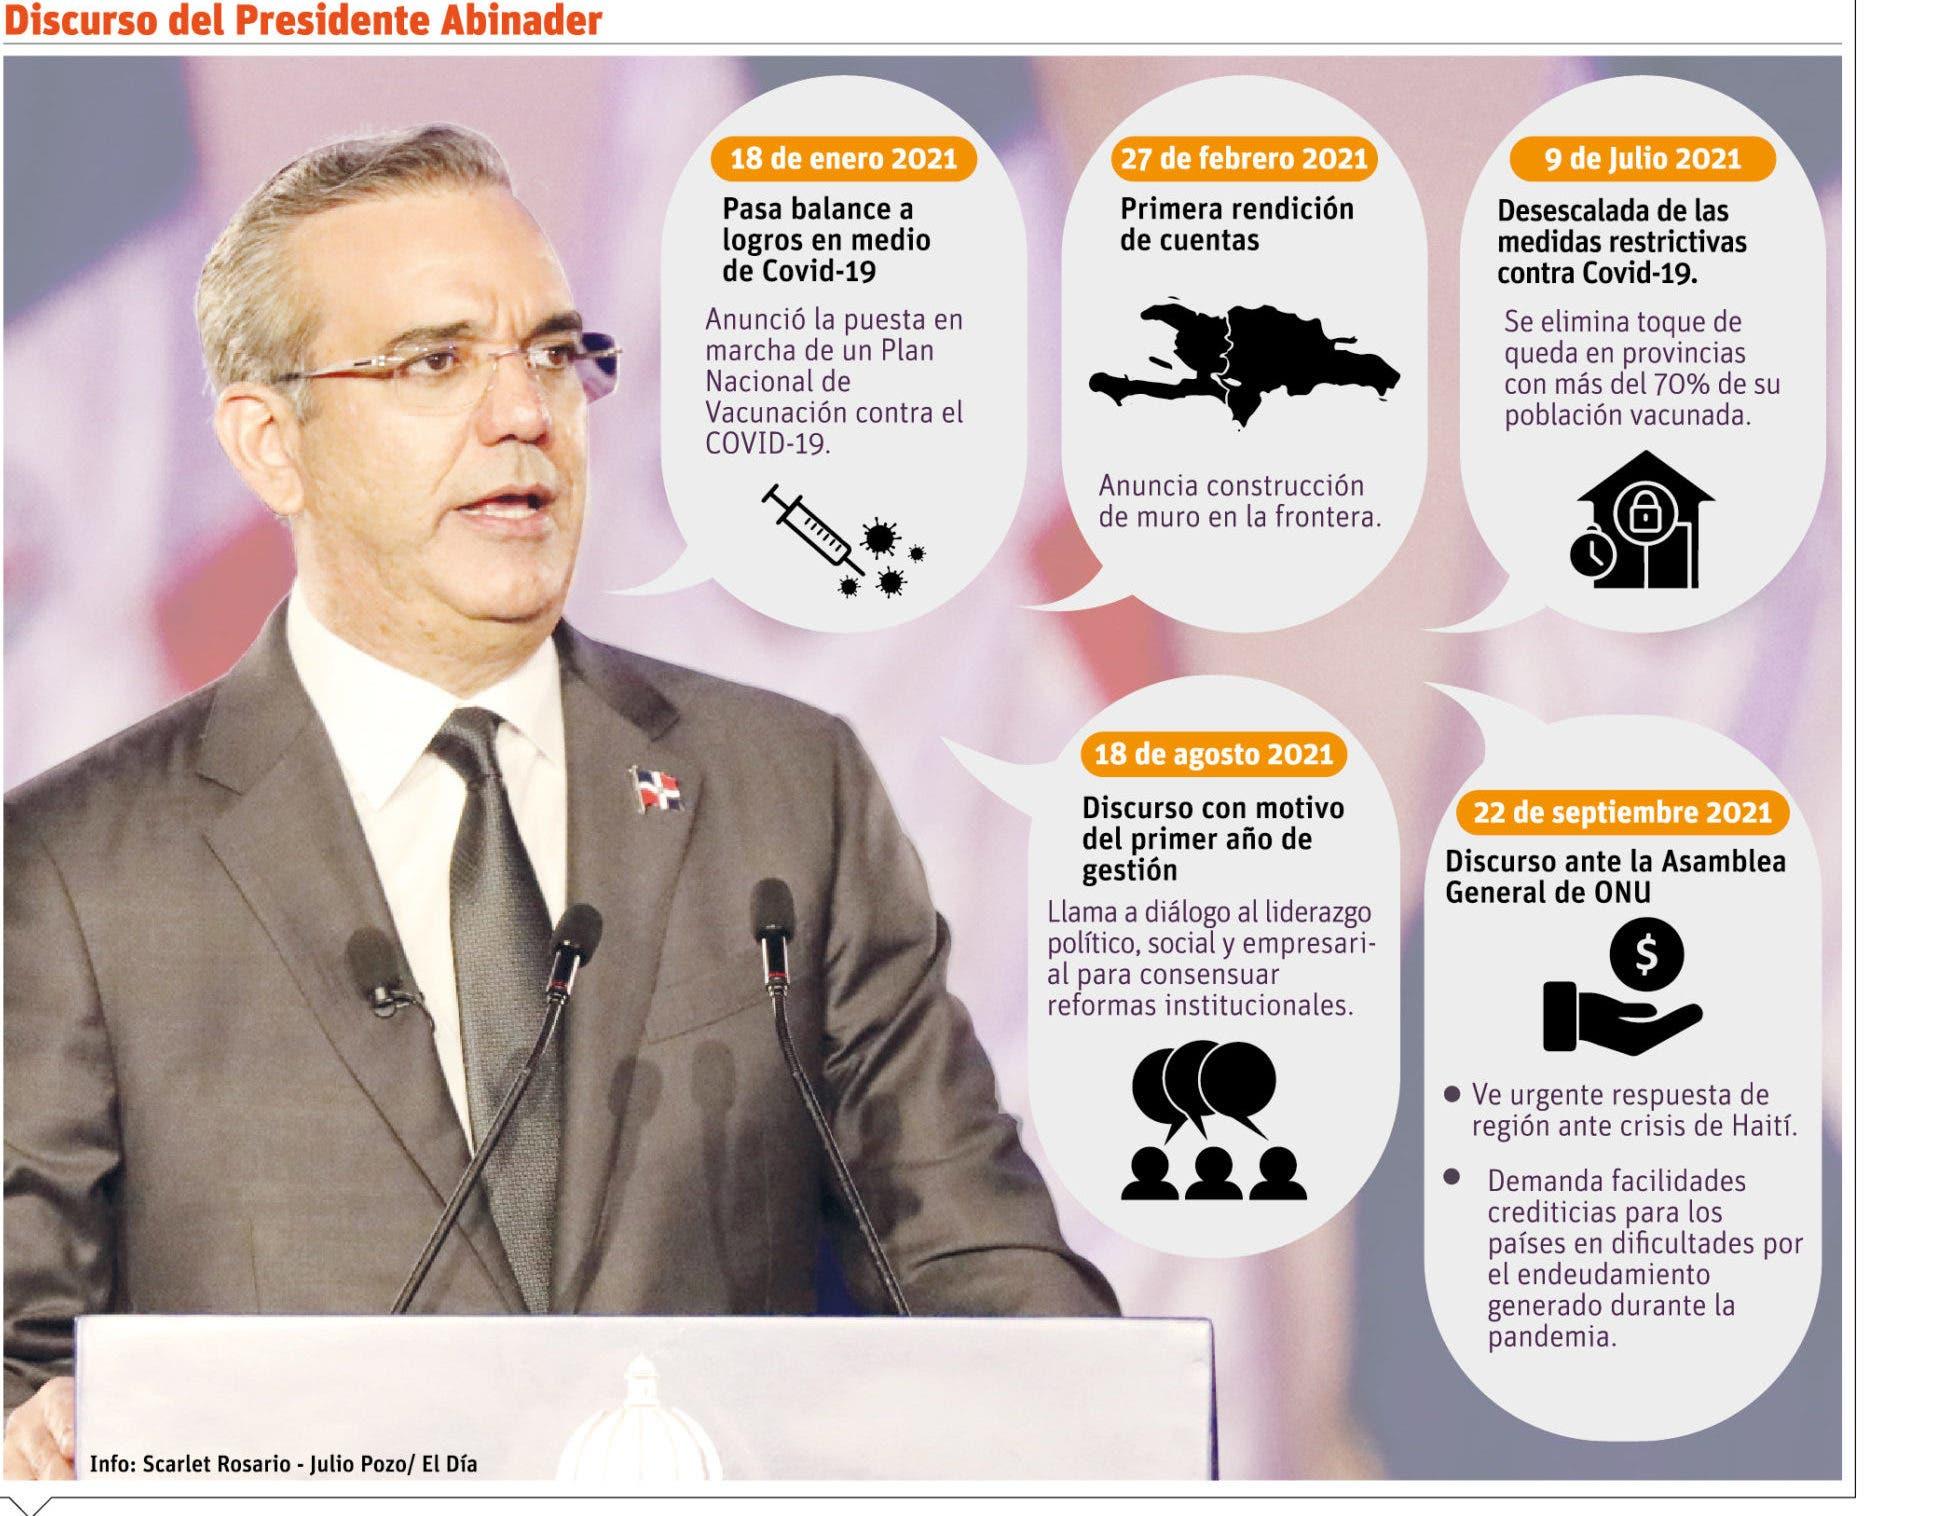 El presidente Abinader despejará hoy dudas sobre la reforma fiscal